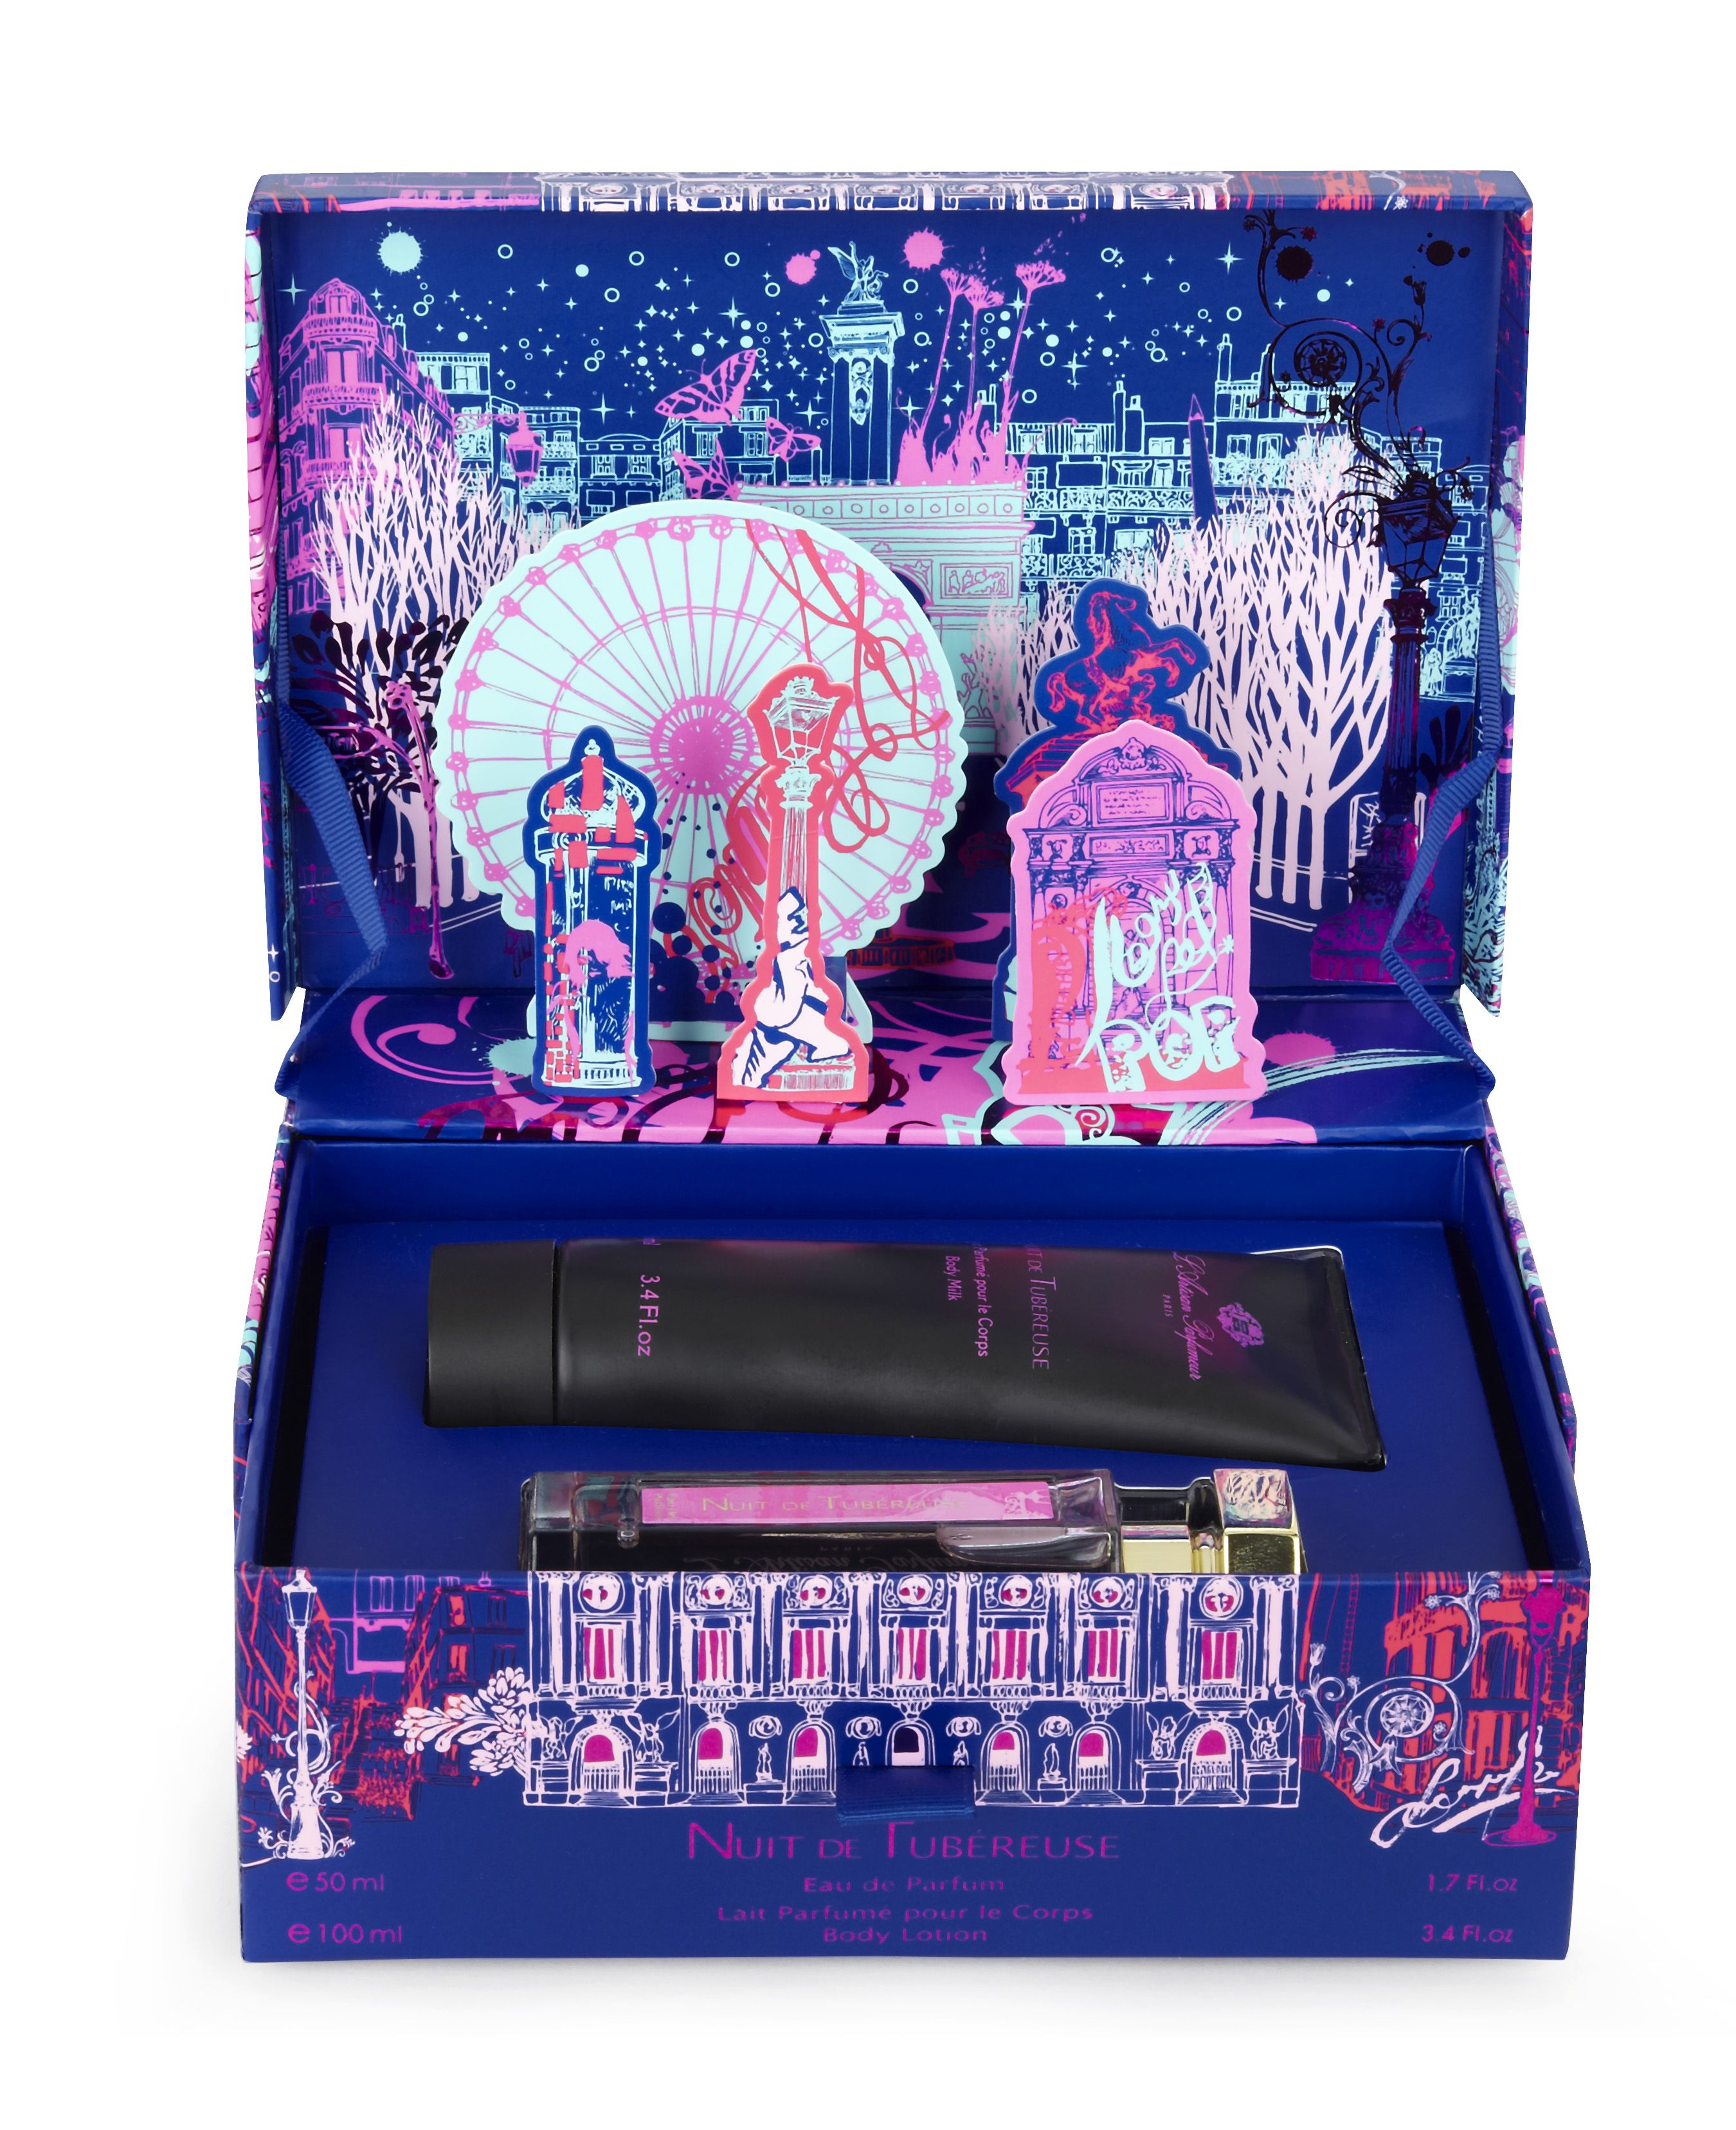 Notre coffret de Noël.  Nuit de Tubéreuse (en format 50ml), addictive et narcotique, se présente avec son lait sensuel pour le corps (100ml).